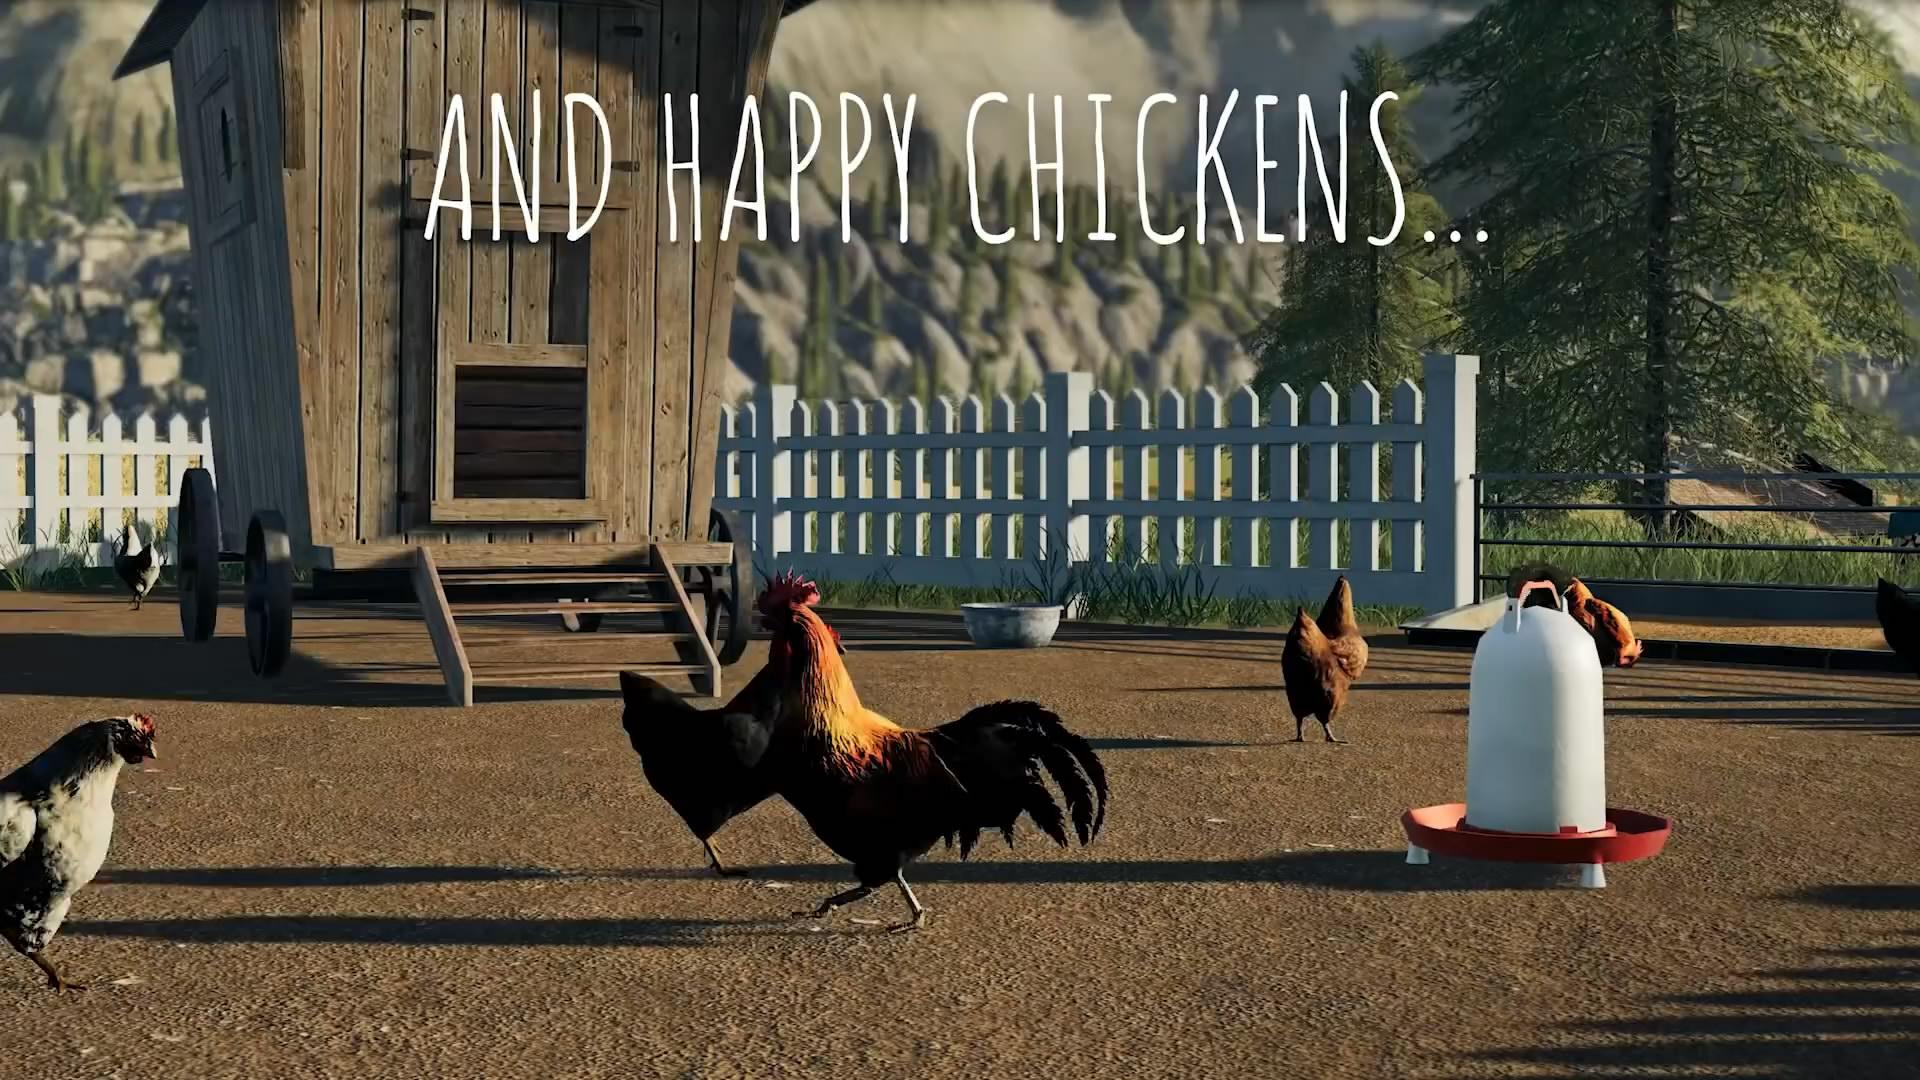 《模拟农场19》全新实机演示 玩家驯养家畜骑马畅游